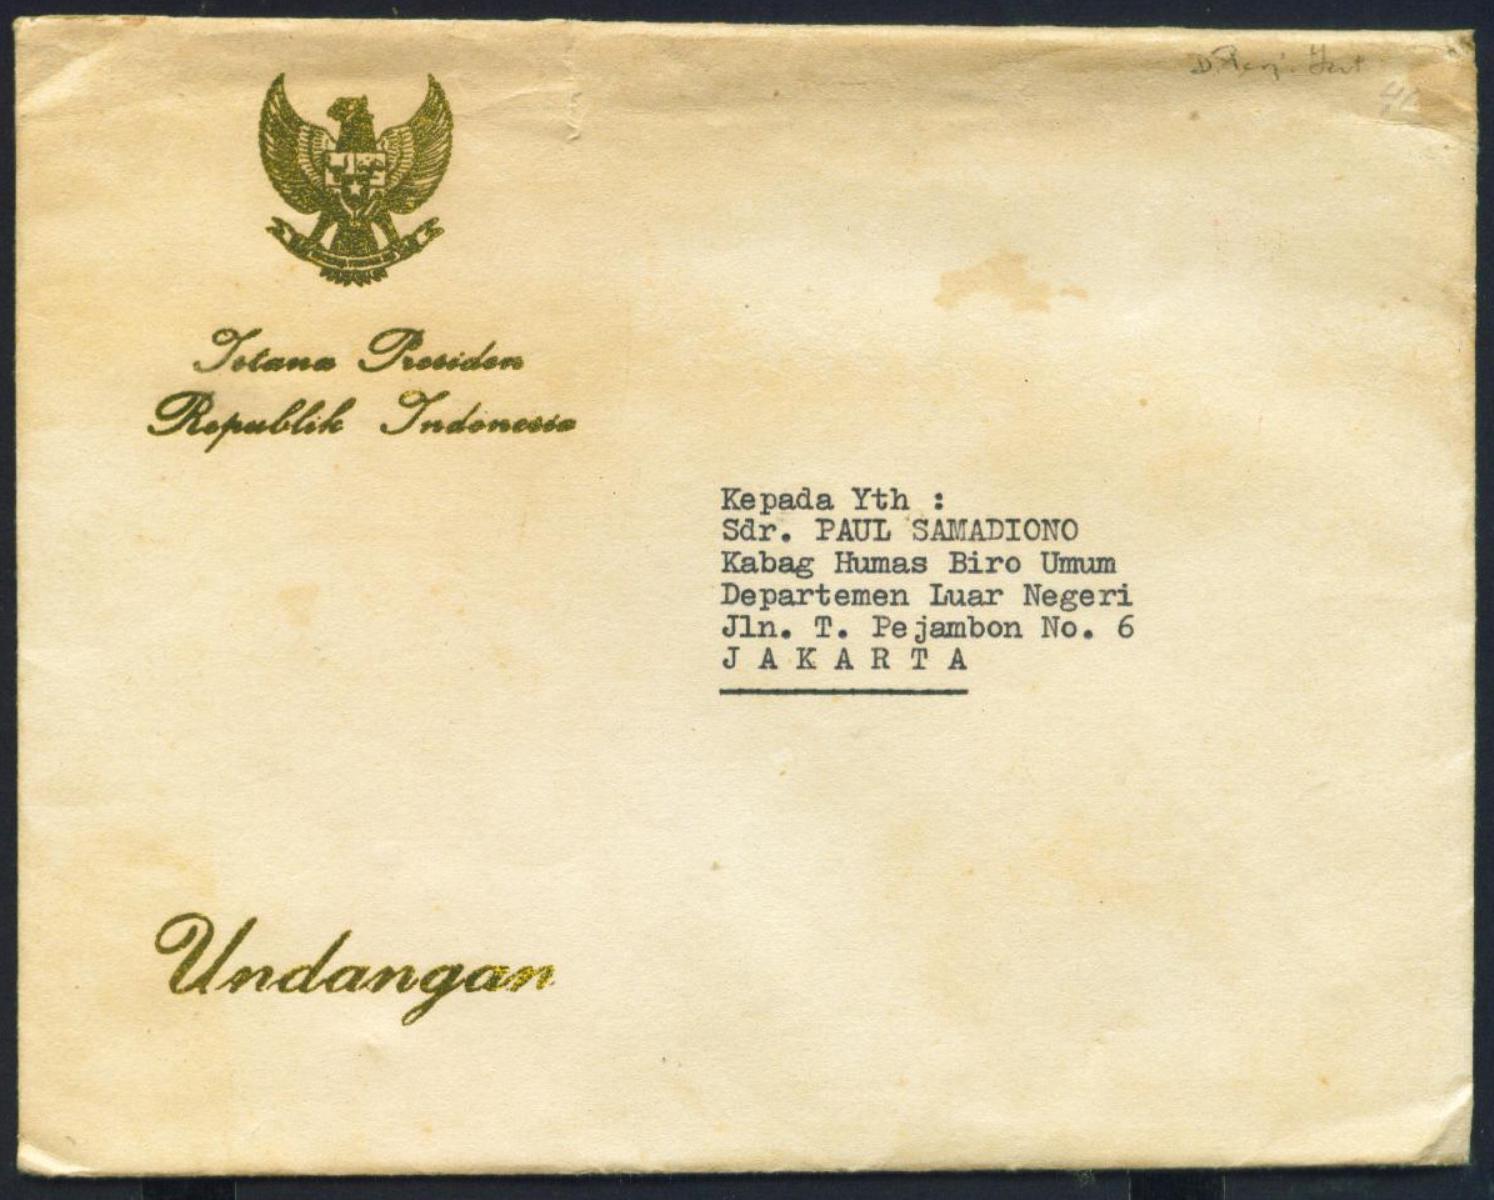 Koleksi Tempo Doeloe Surat Undangan Dari Presiden Soeharto